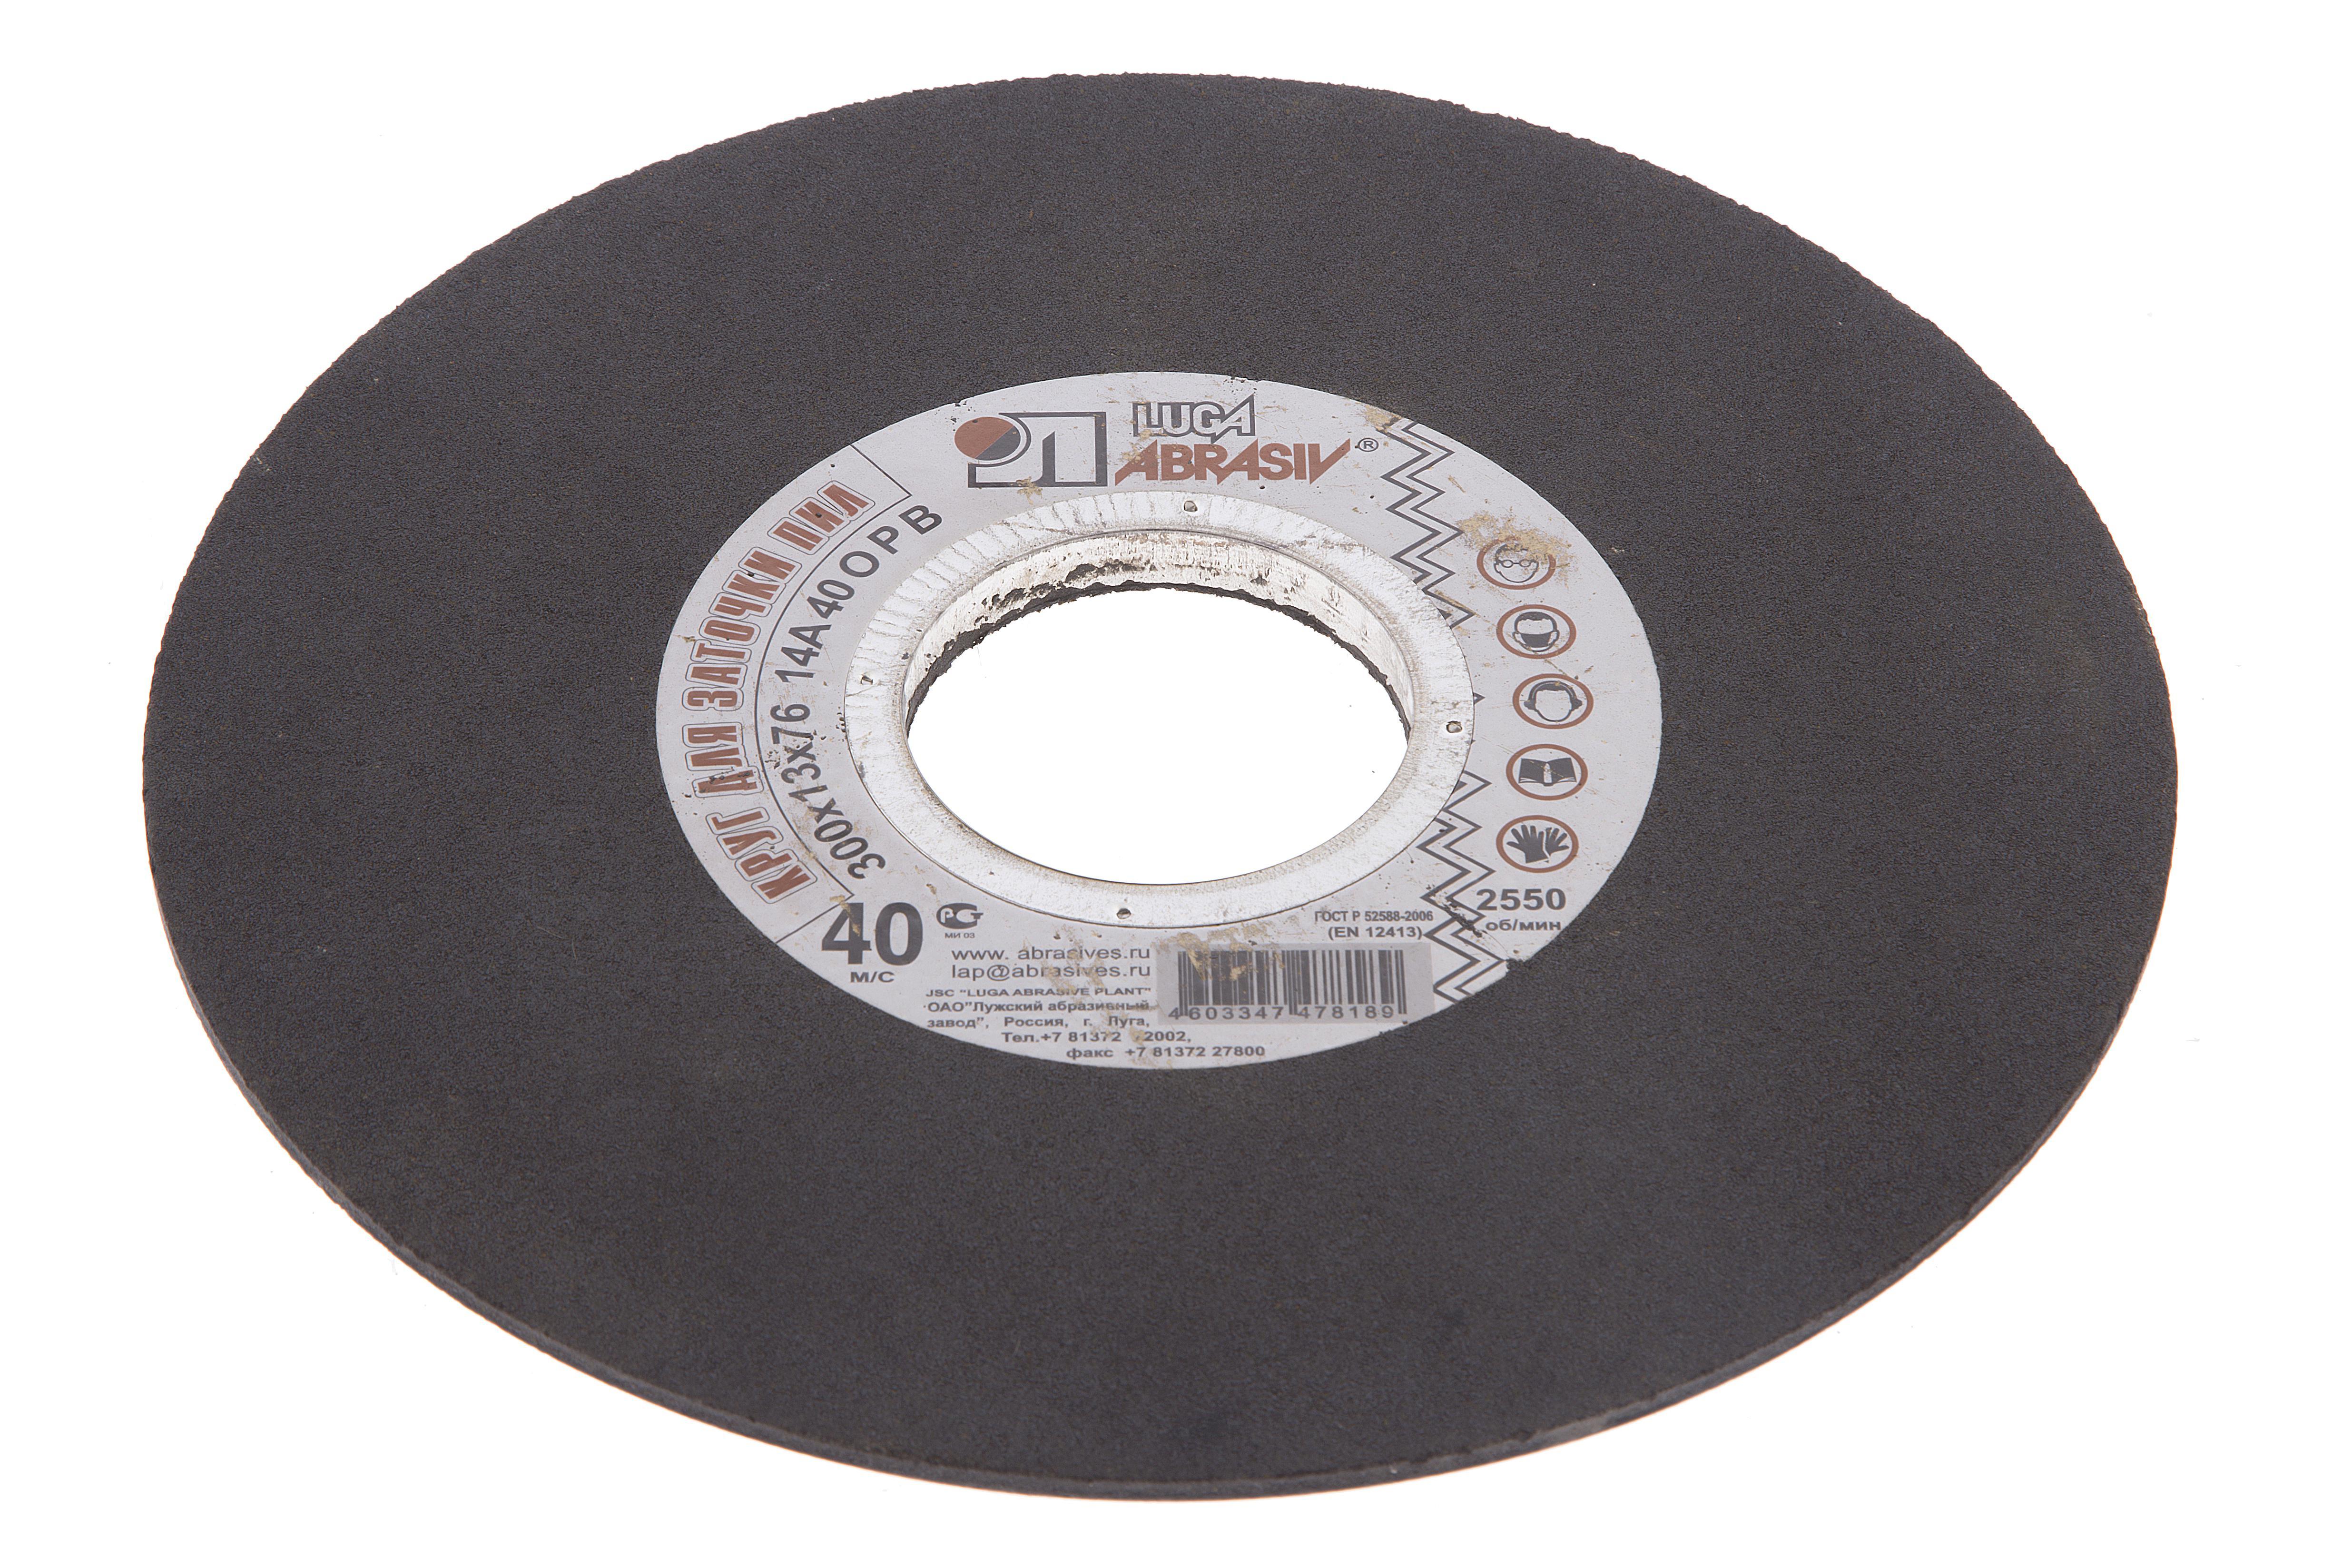 Круг шлифовальный ЛУГА-АБРАЗИВ 3  300 Х 13 Х  76 14А 40 o,p,q круг шлифовальный луга абразив 1 350 х 40 х 76 63с 60 o p q